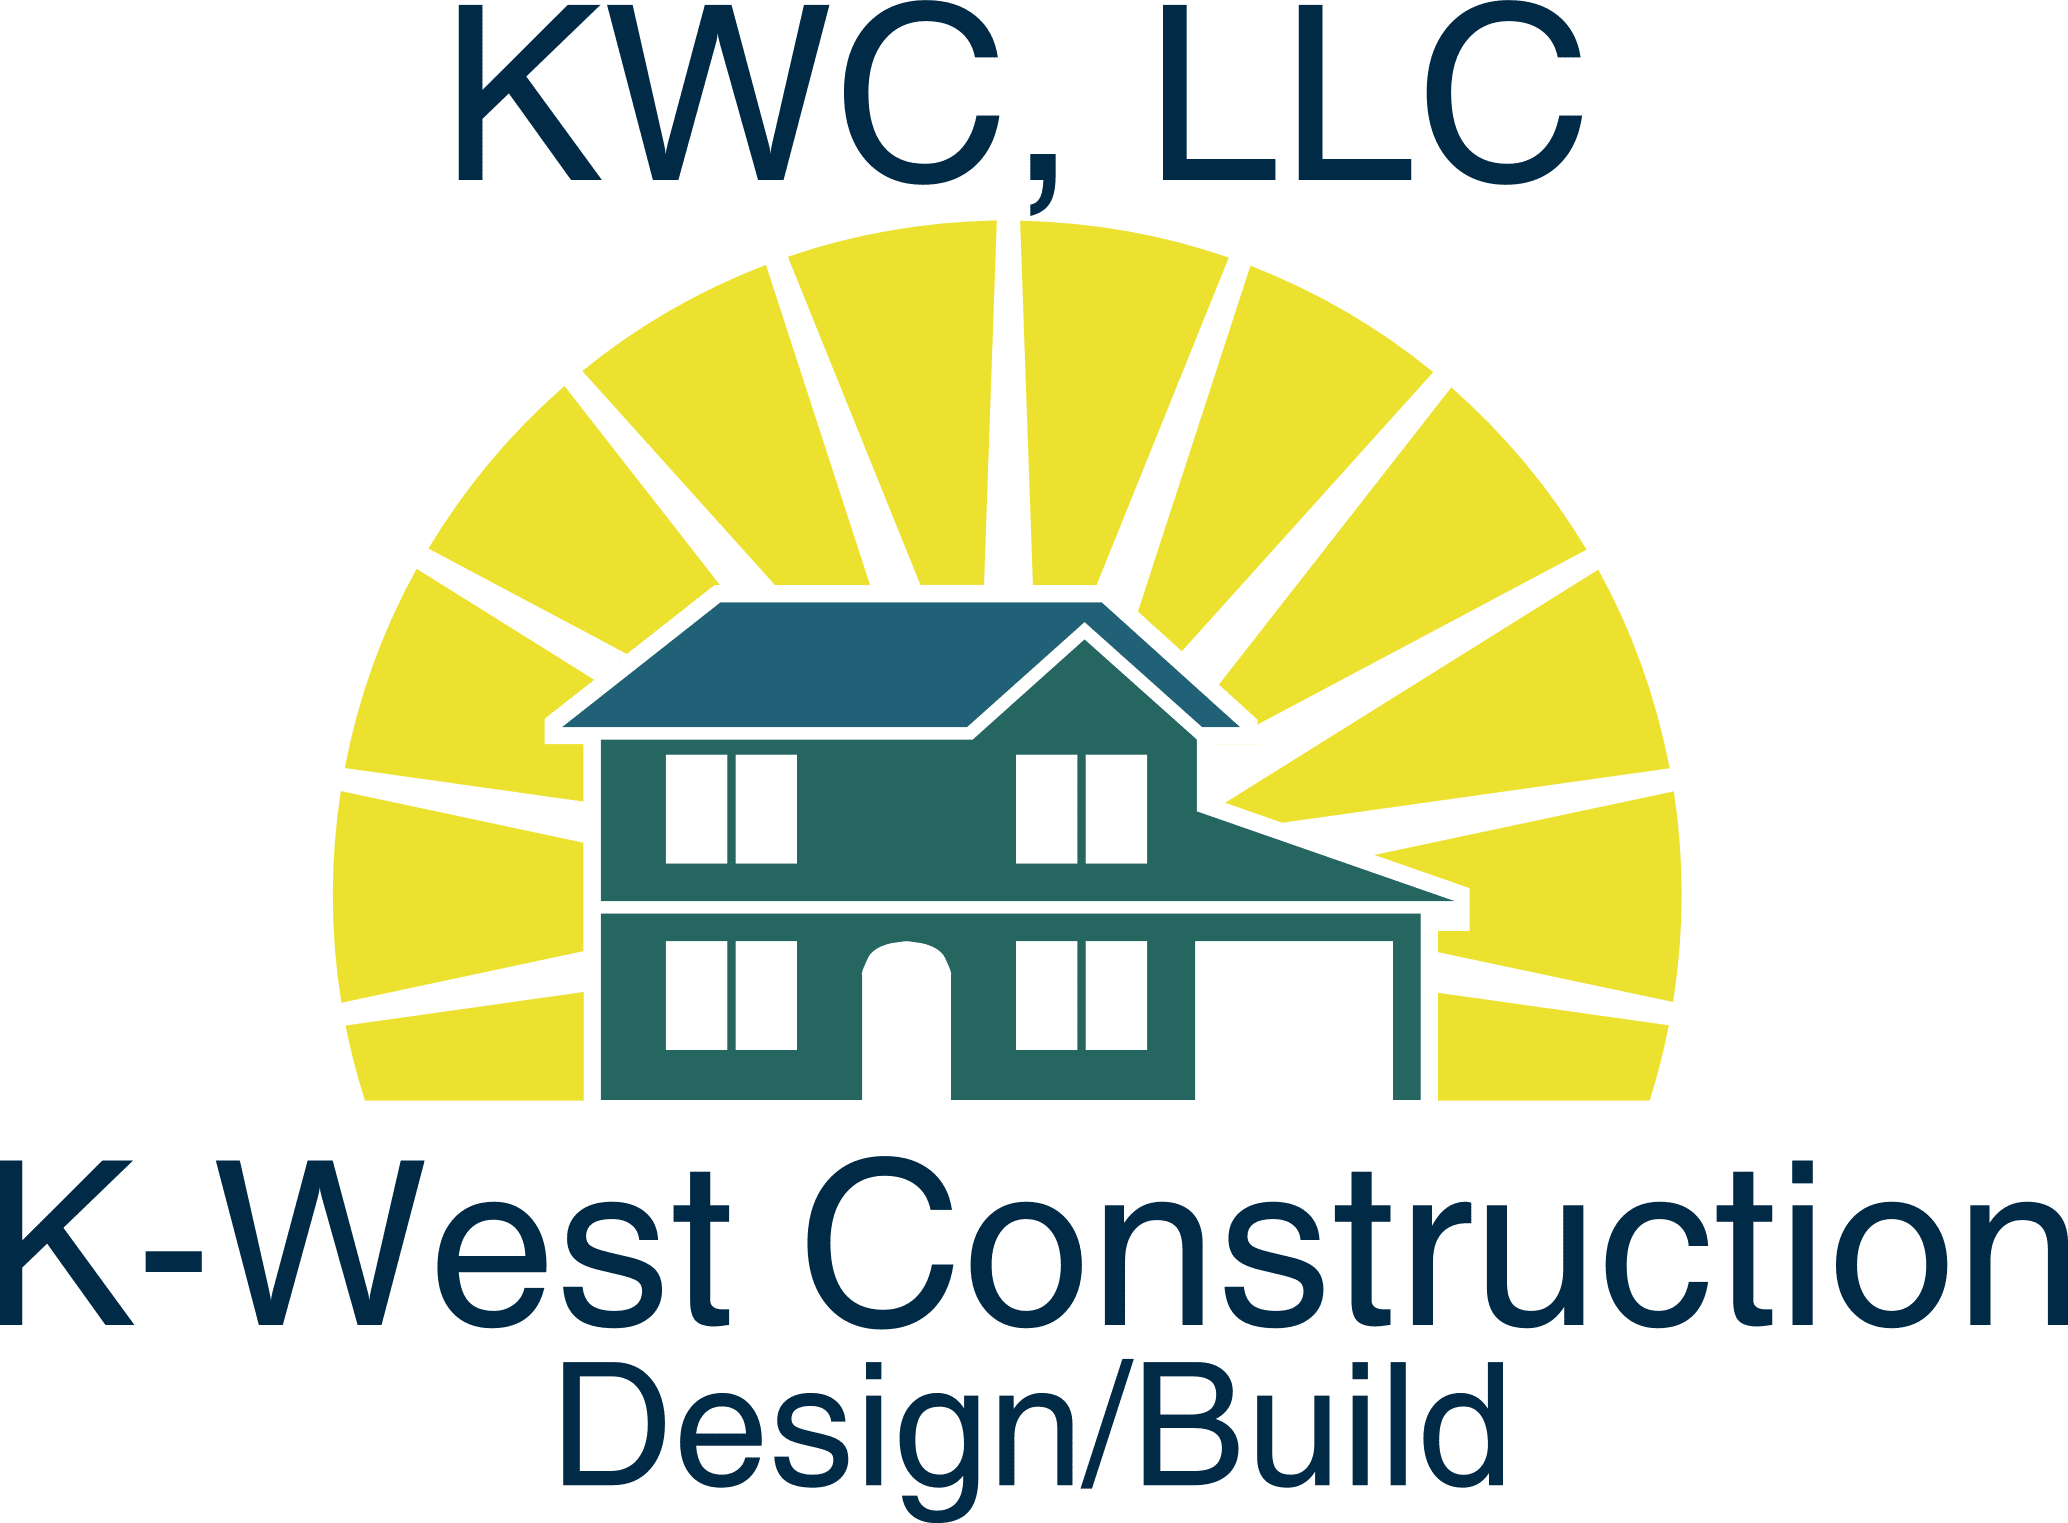 Construction Lincoln Ne K West Construction